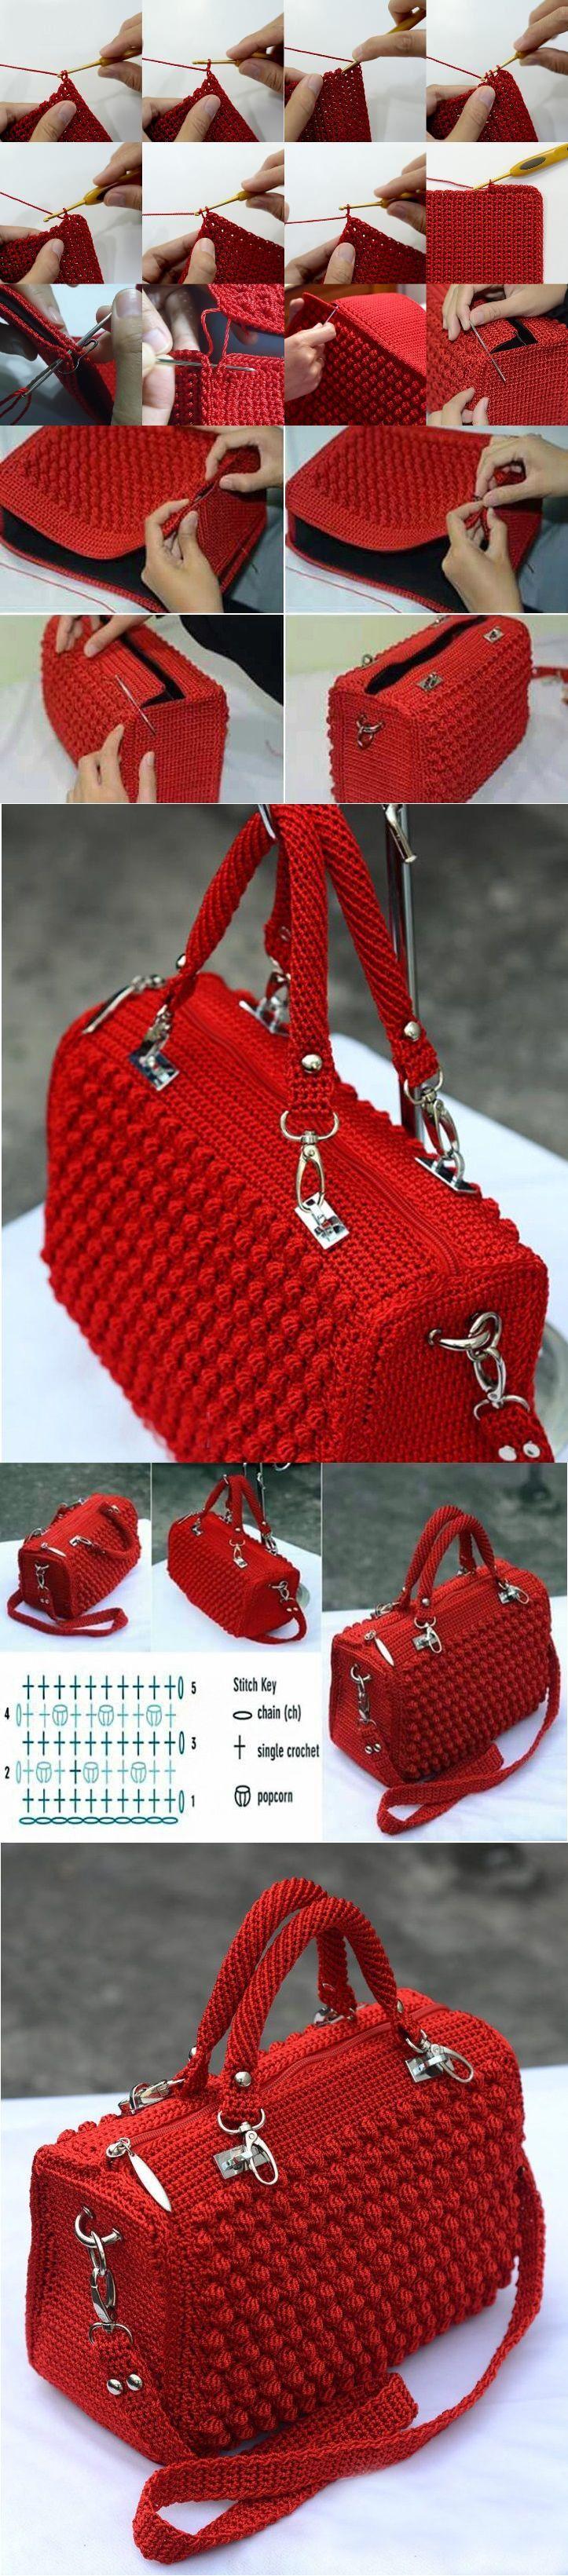 Selma Strijbis   Knitting Patterns   Pinterest   Rote taschen ...